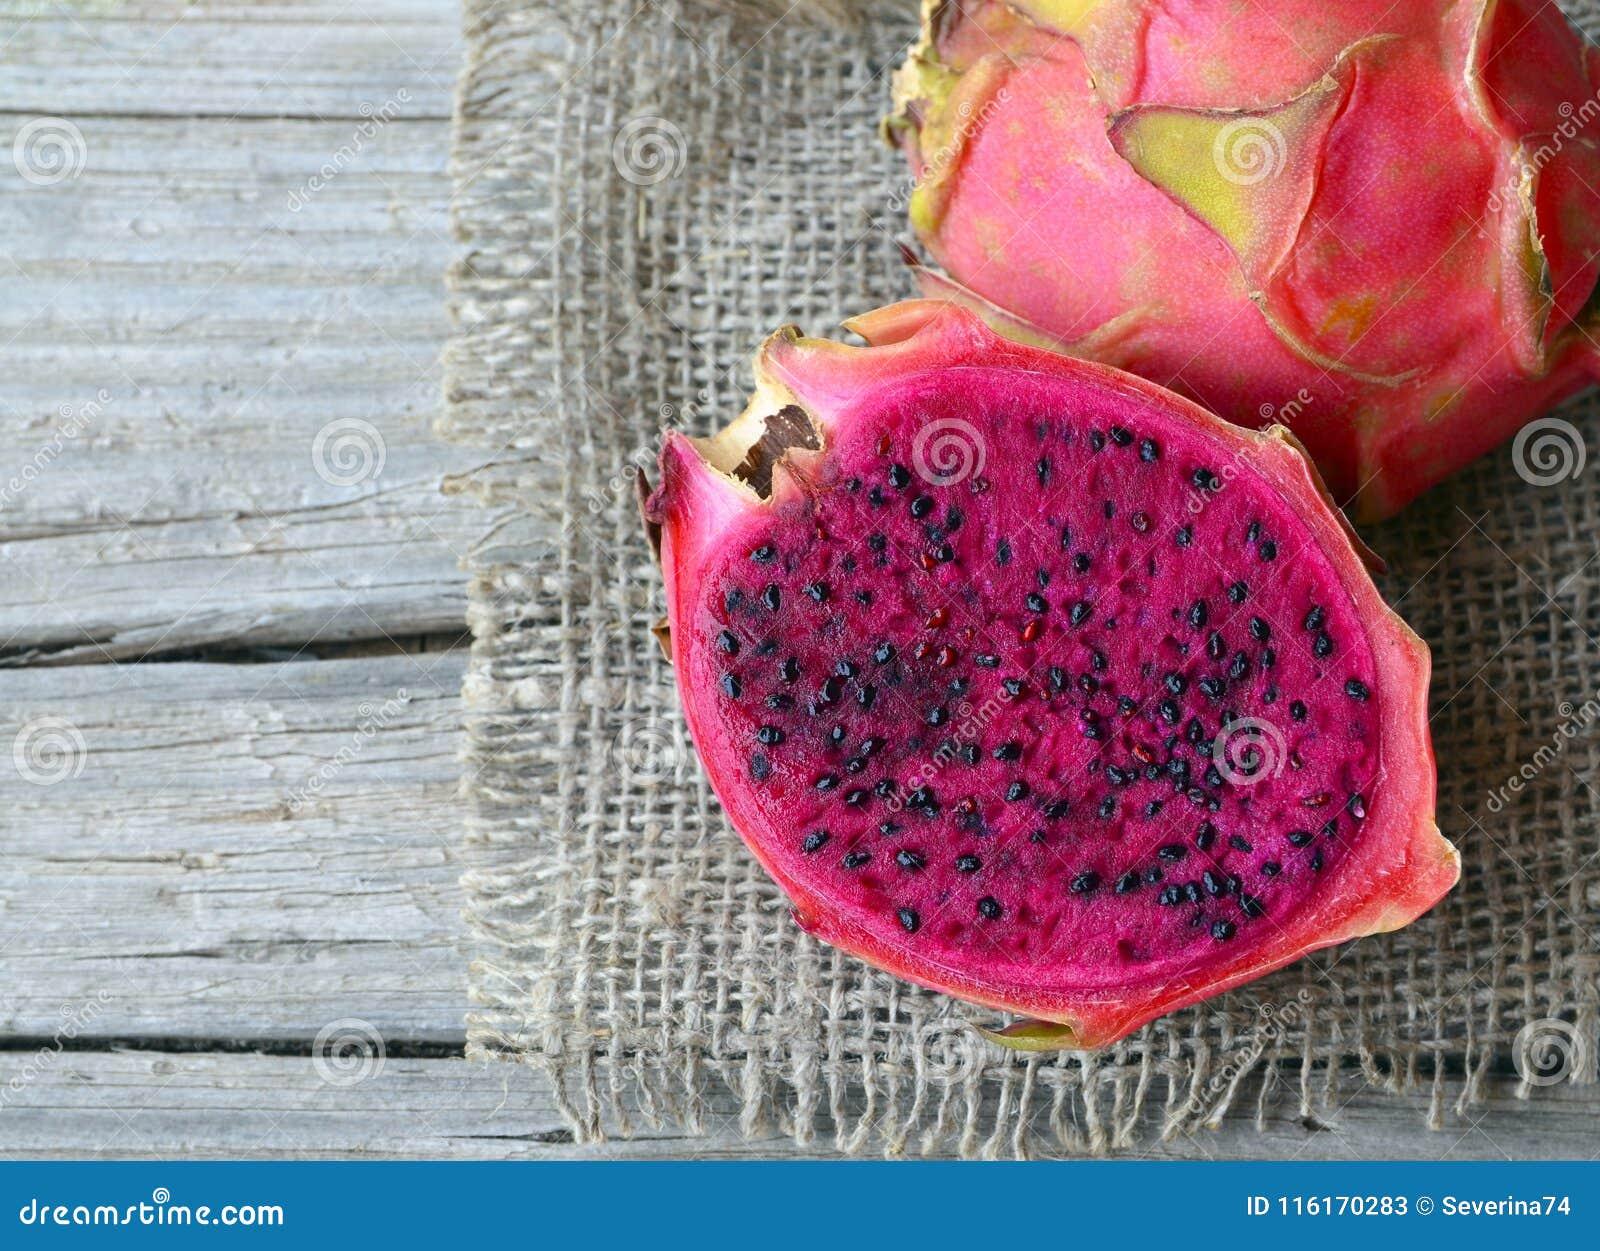 Fruta Madura Fresca De Pitaya O Del Dragon Del Genero Hylocereus